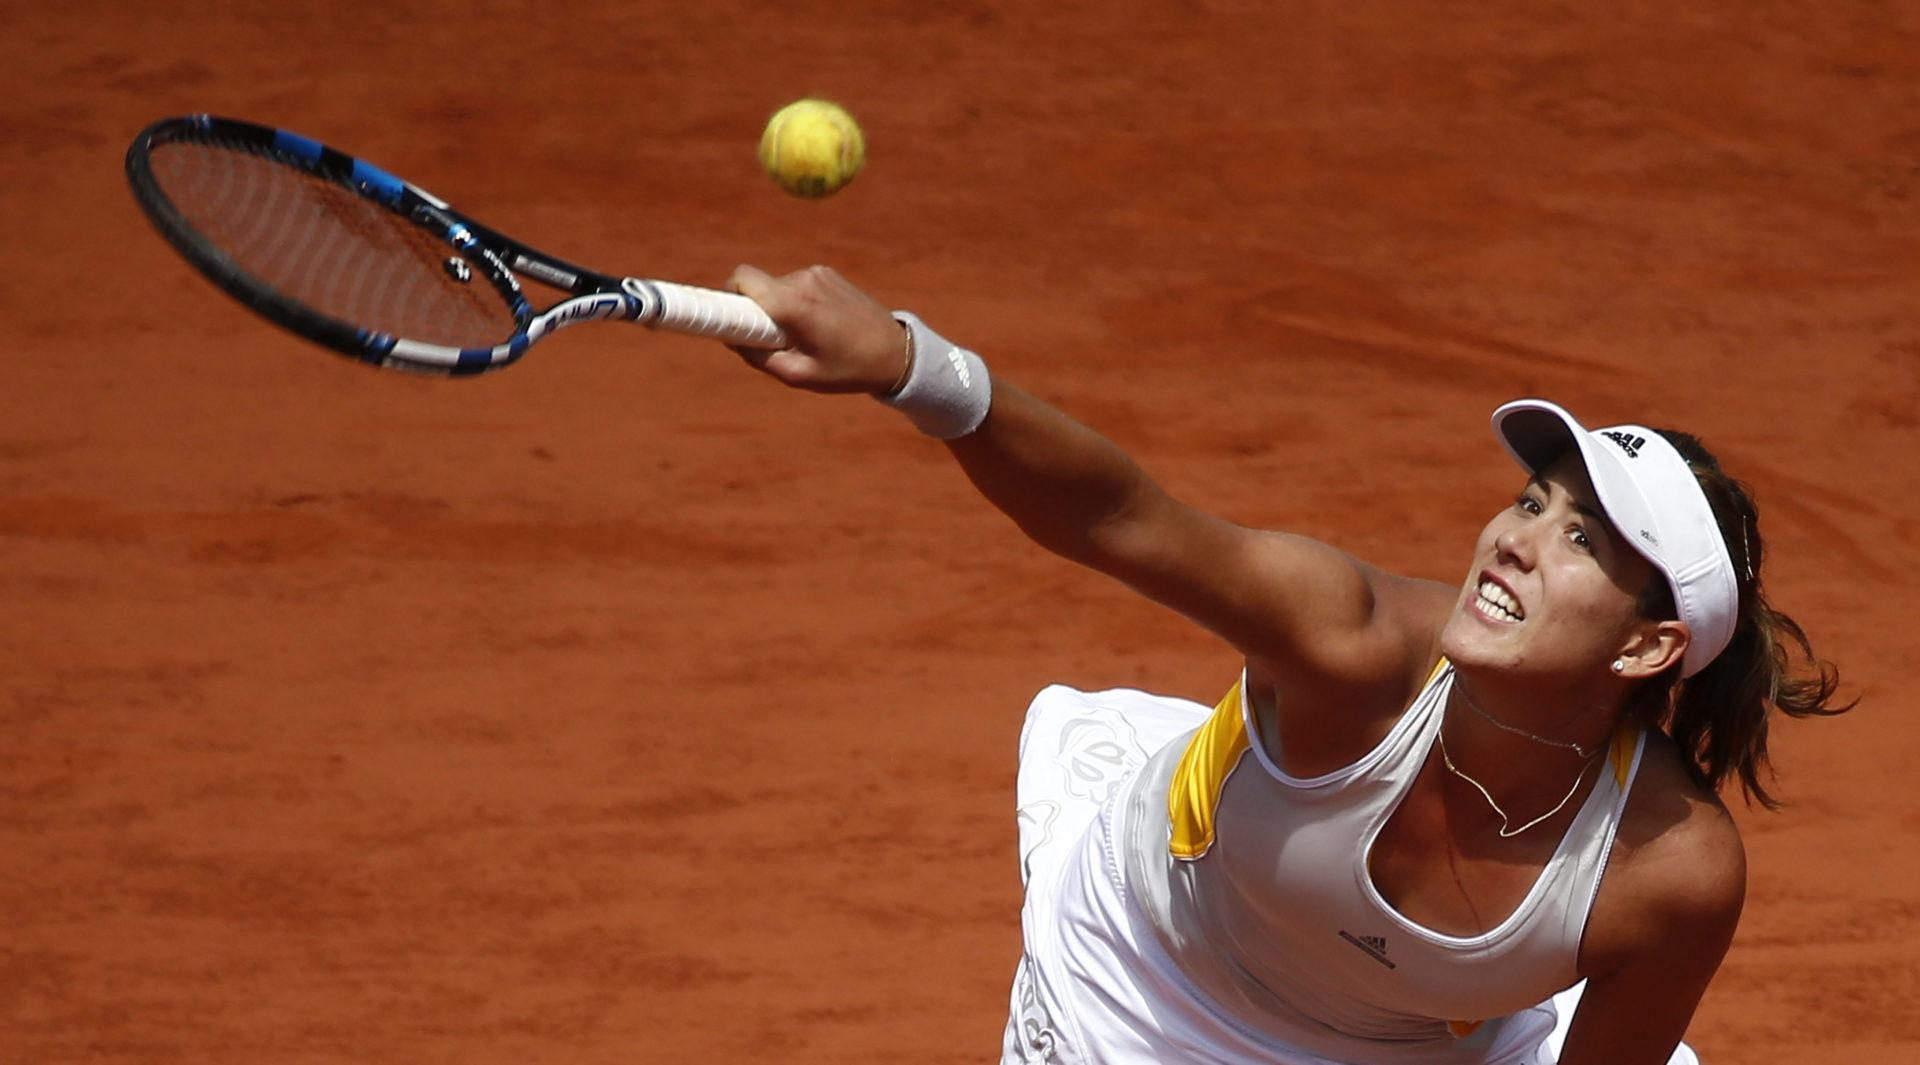 La tenista española Garbiñe Muguruza devuelve una bola a la checa Lucie Safarova durante el partido de cuartos de final de Roland Garros que ambas disputaron en París, Francia 2 de junio de 2015